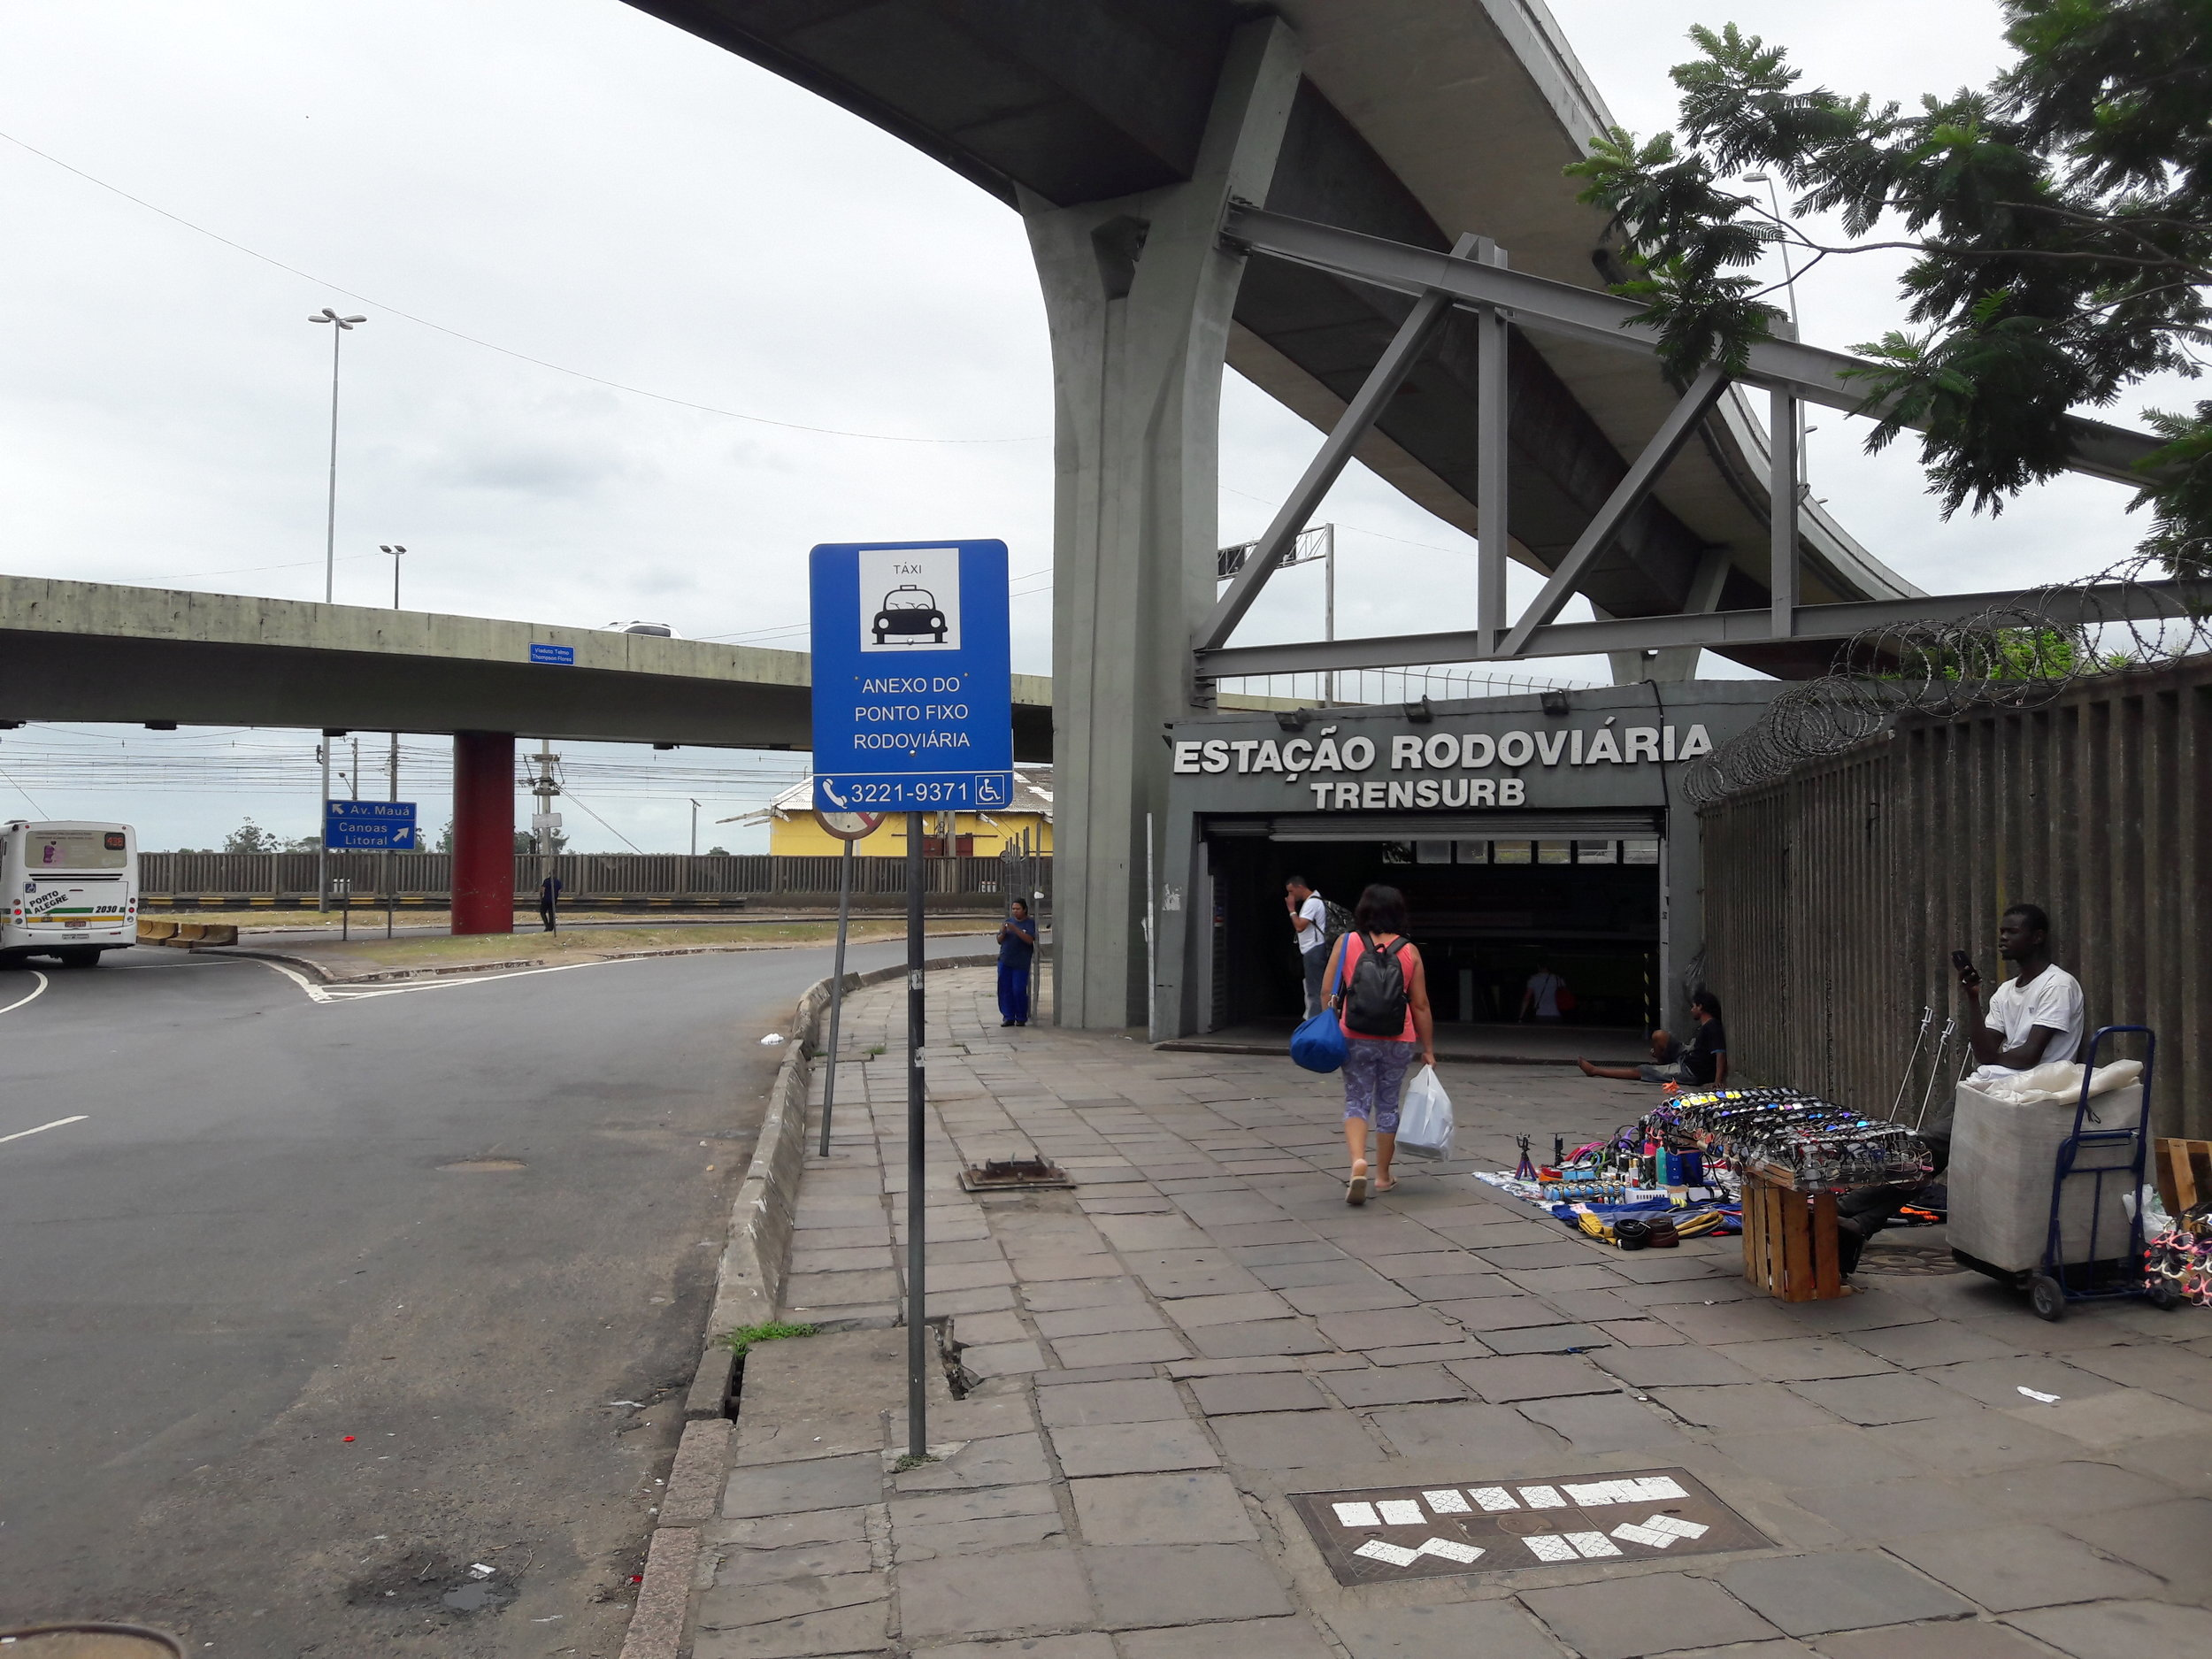 Koncový úsek od předposlední stanice při autobusovém nádraží k výchozí stanici Mercado.